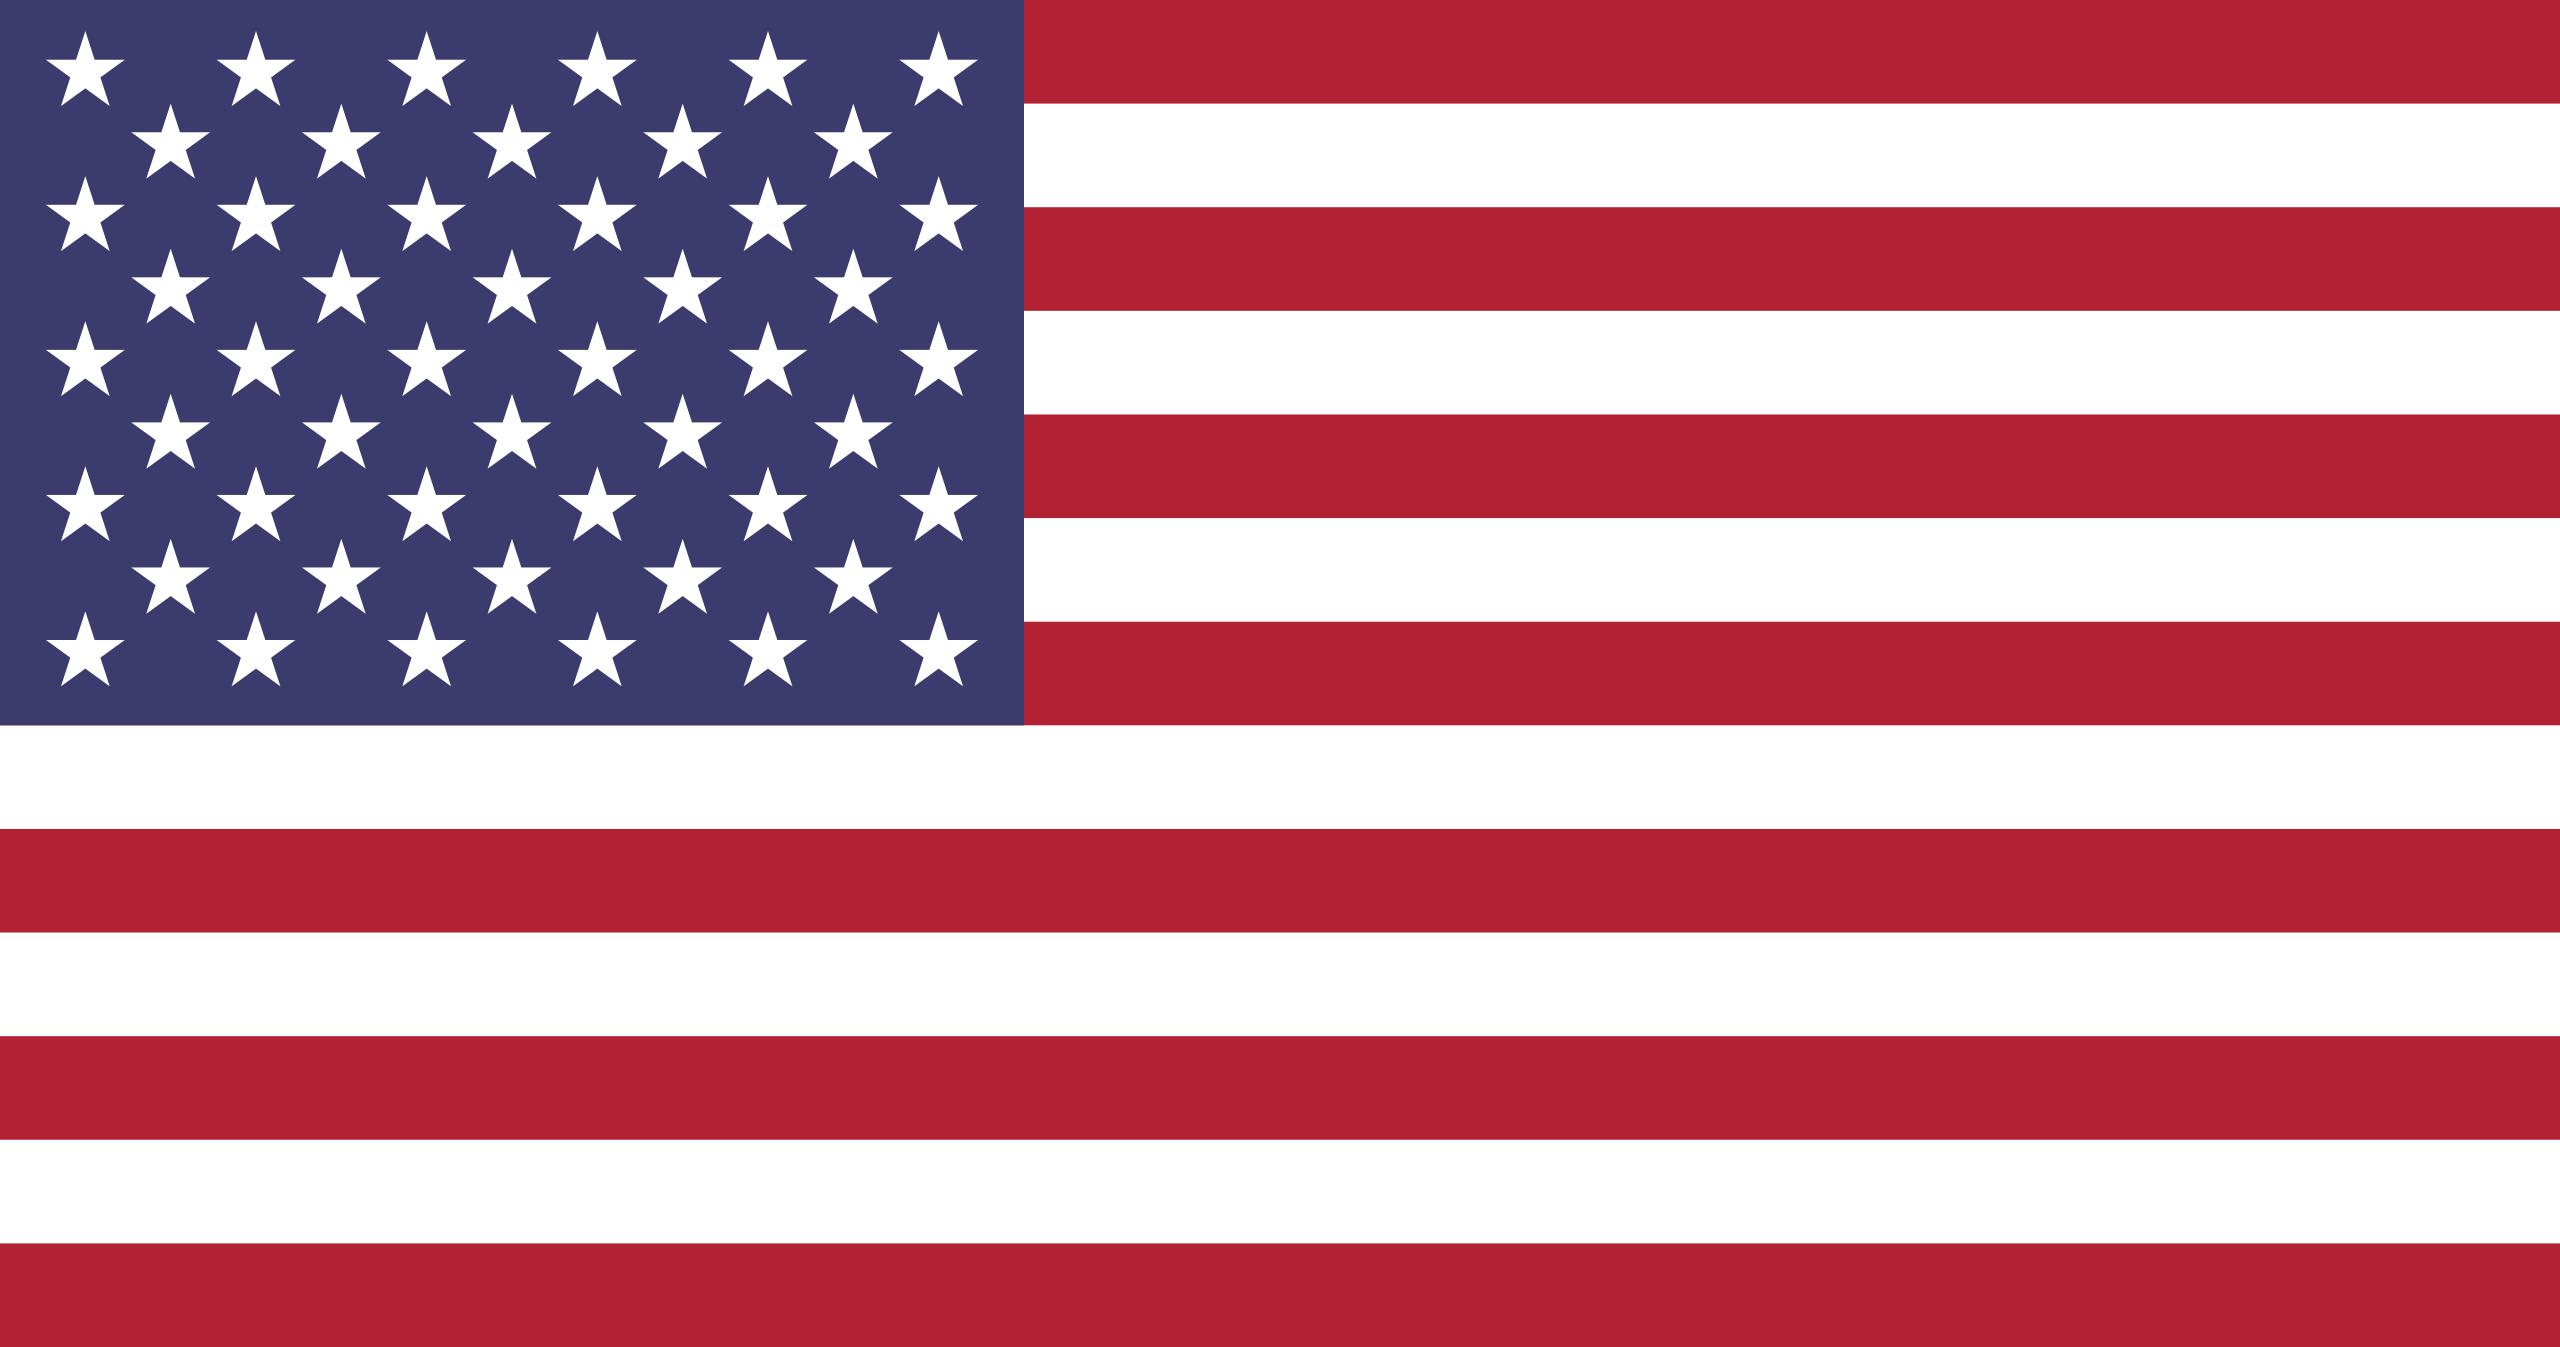 Bandeira do brasil - Português